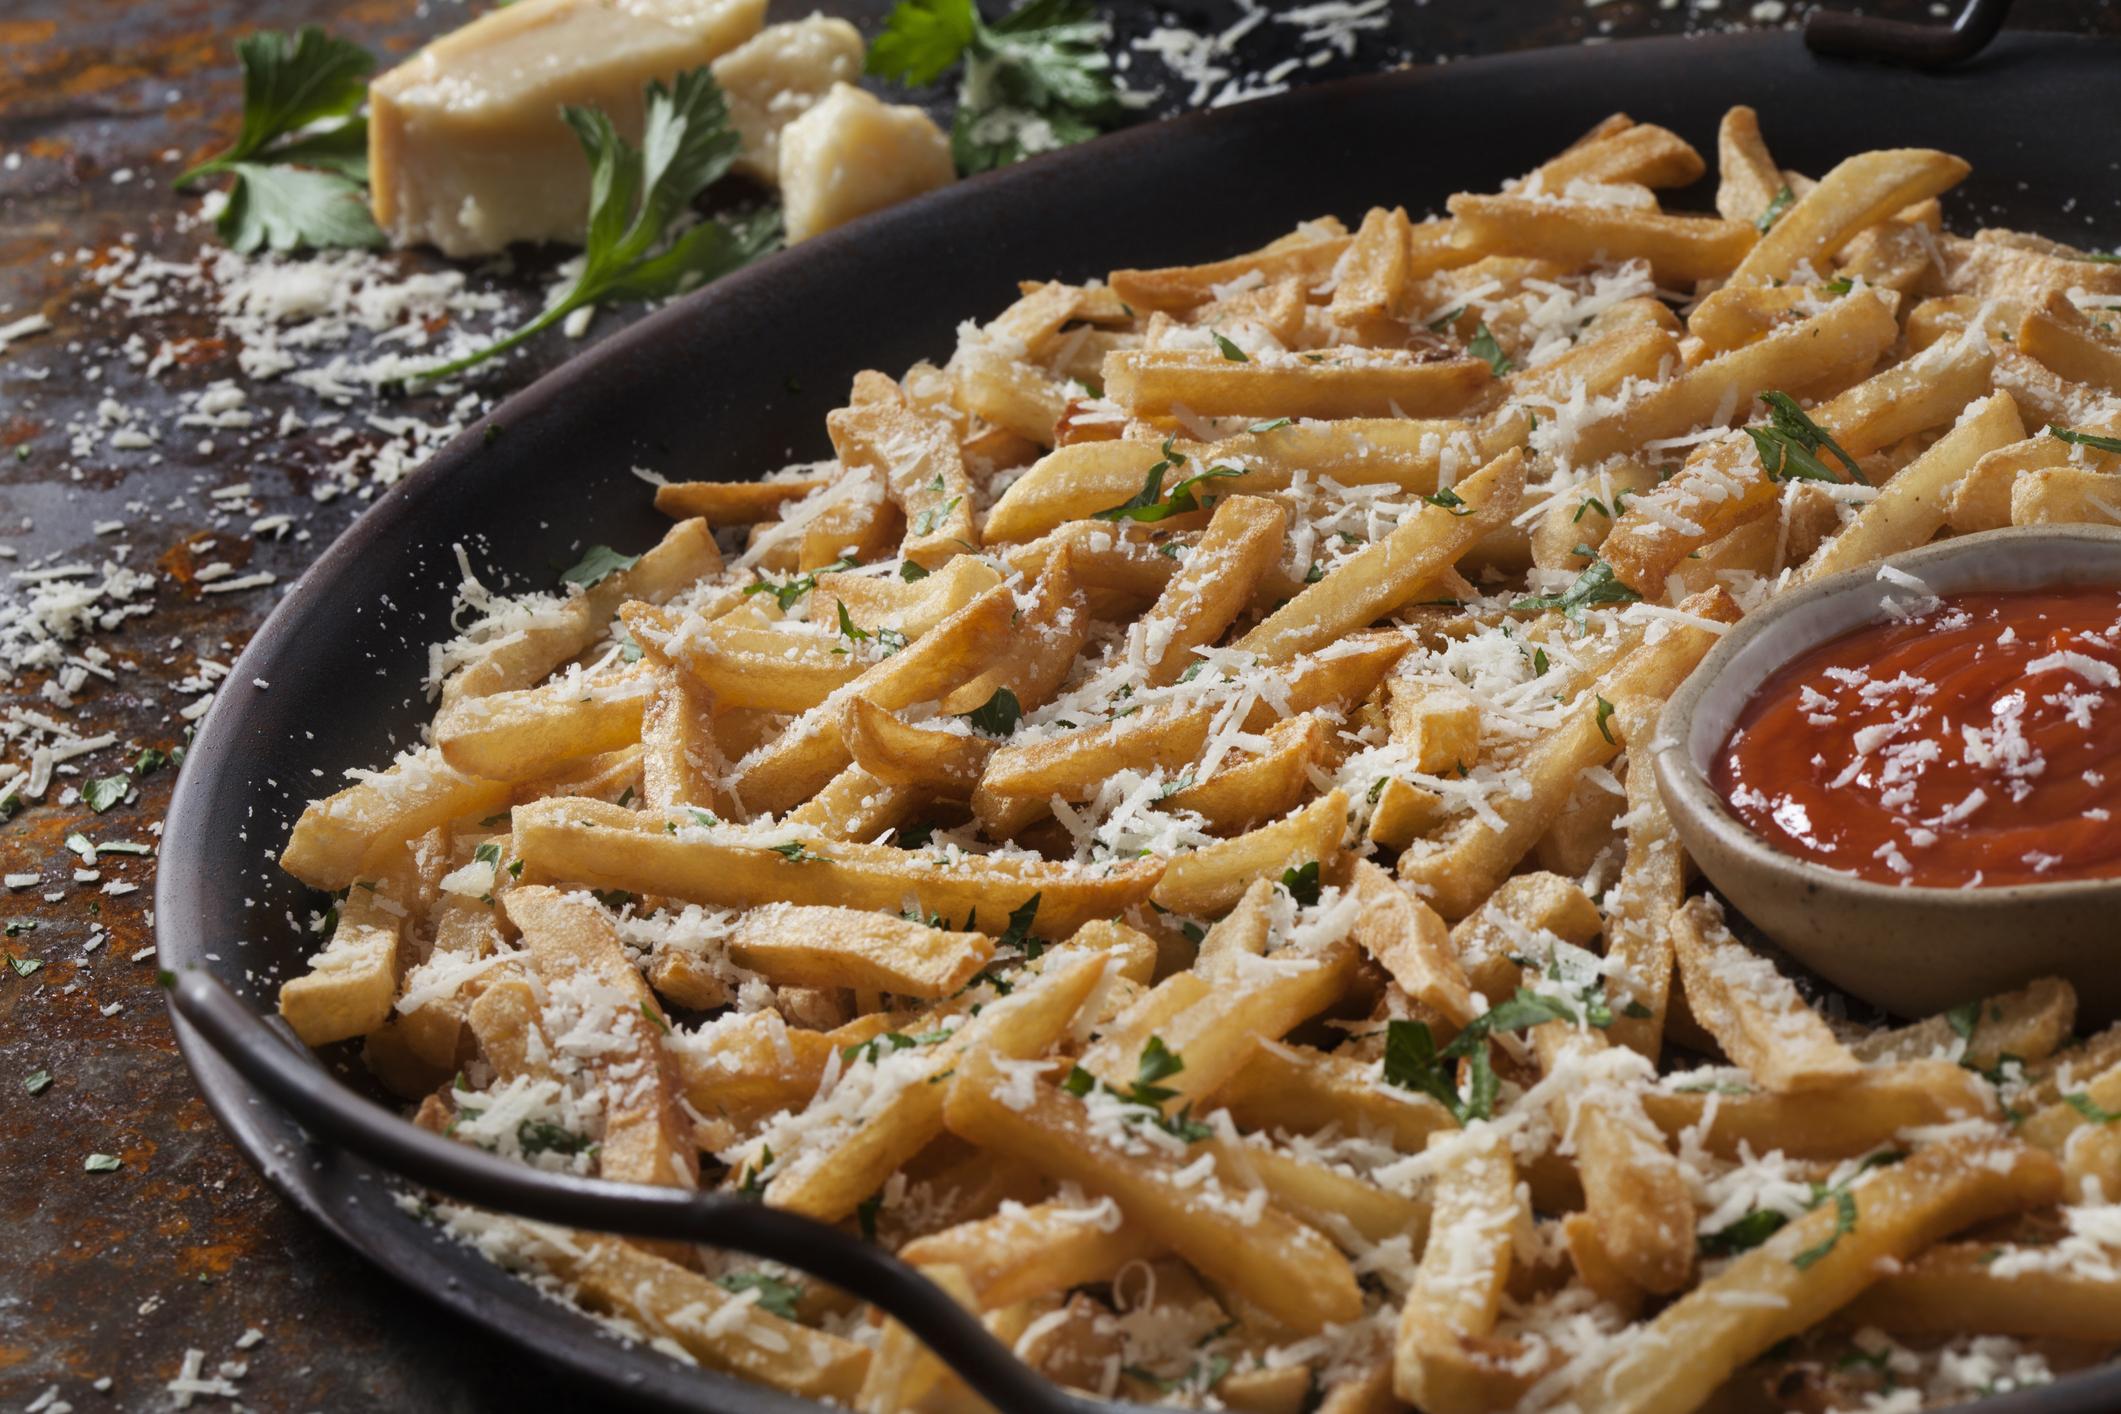 Crispy, Parmesan Garlic Fries with Fresh Parsley and Ketchup